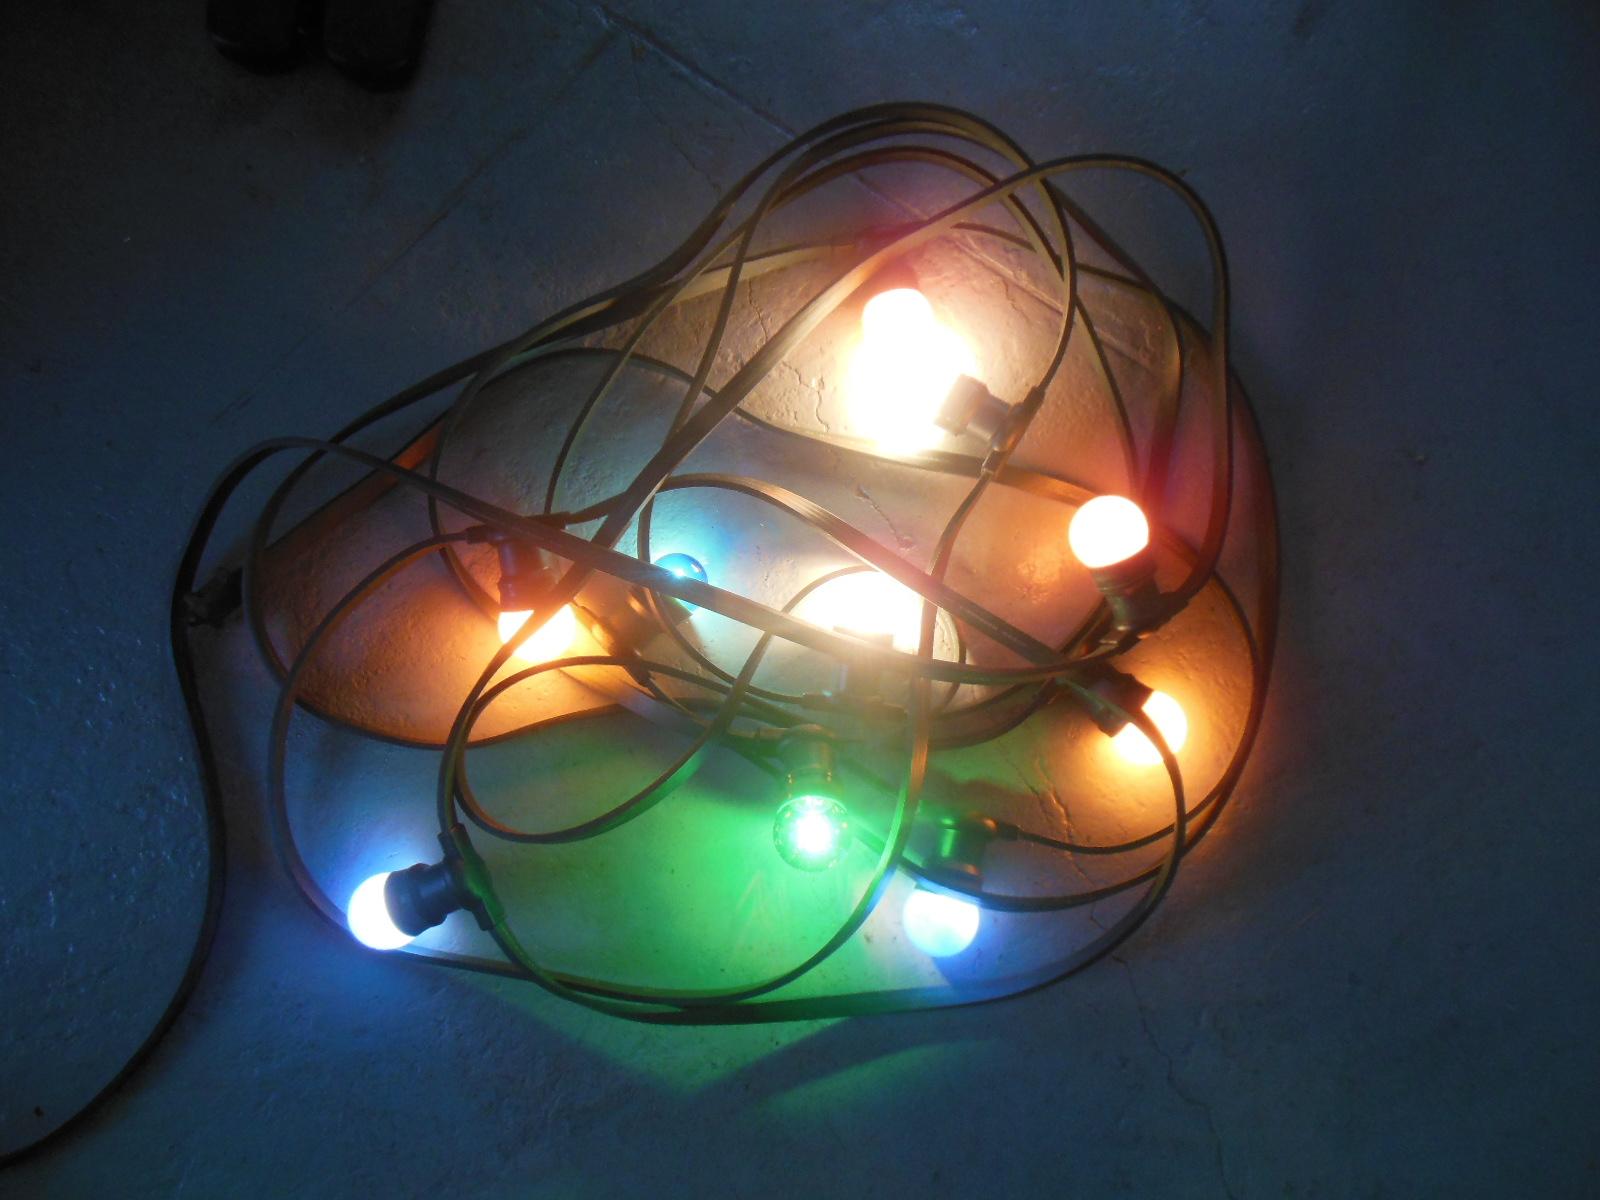 Partytent verlichting prikkabel 2 x 10 meter - Flevo verhuur